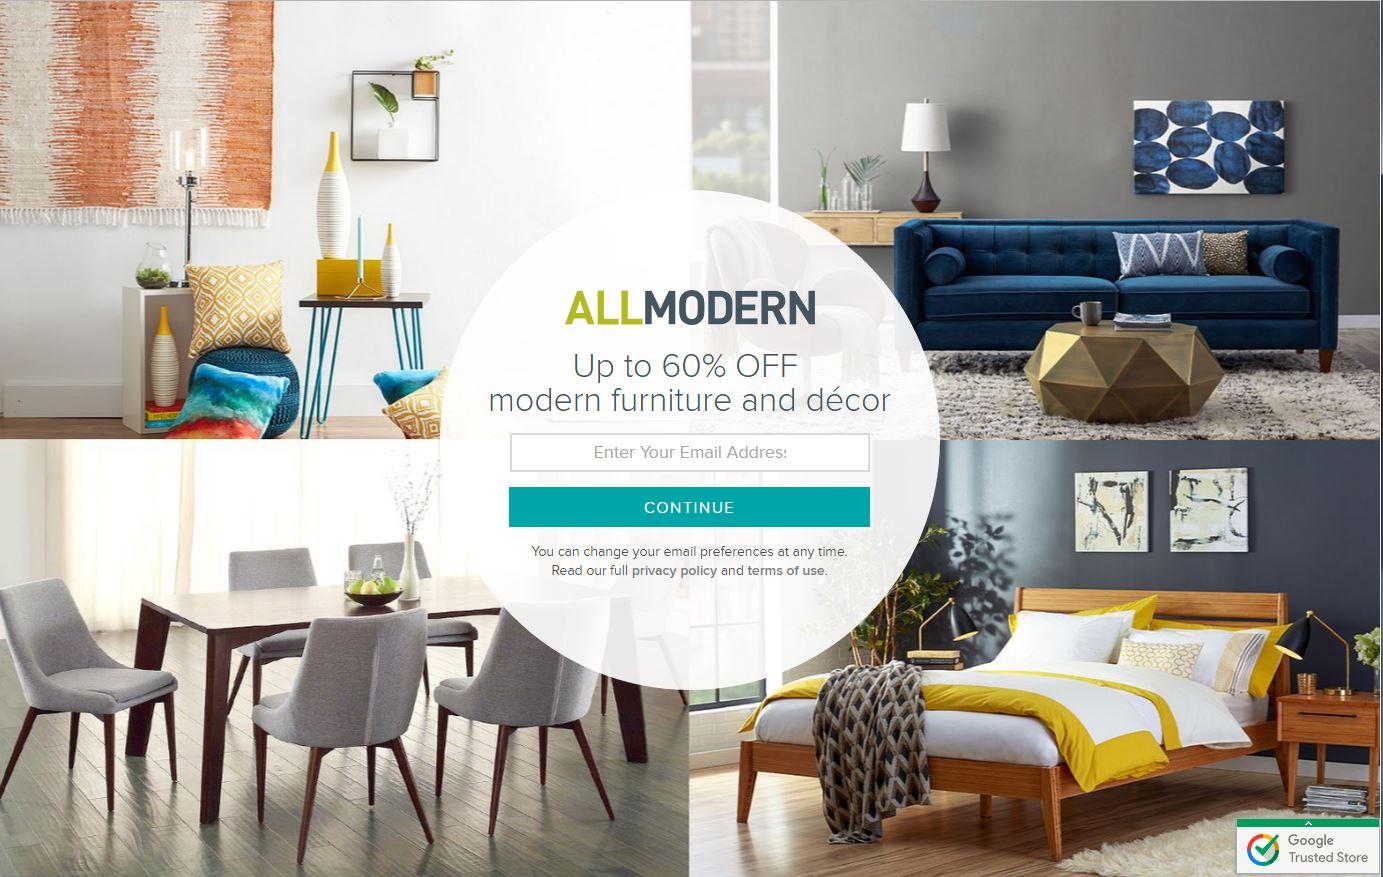 All Modern